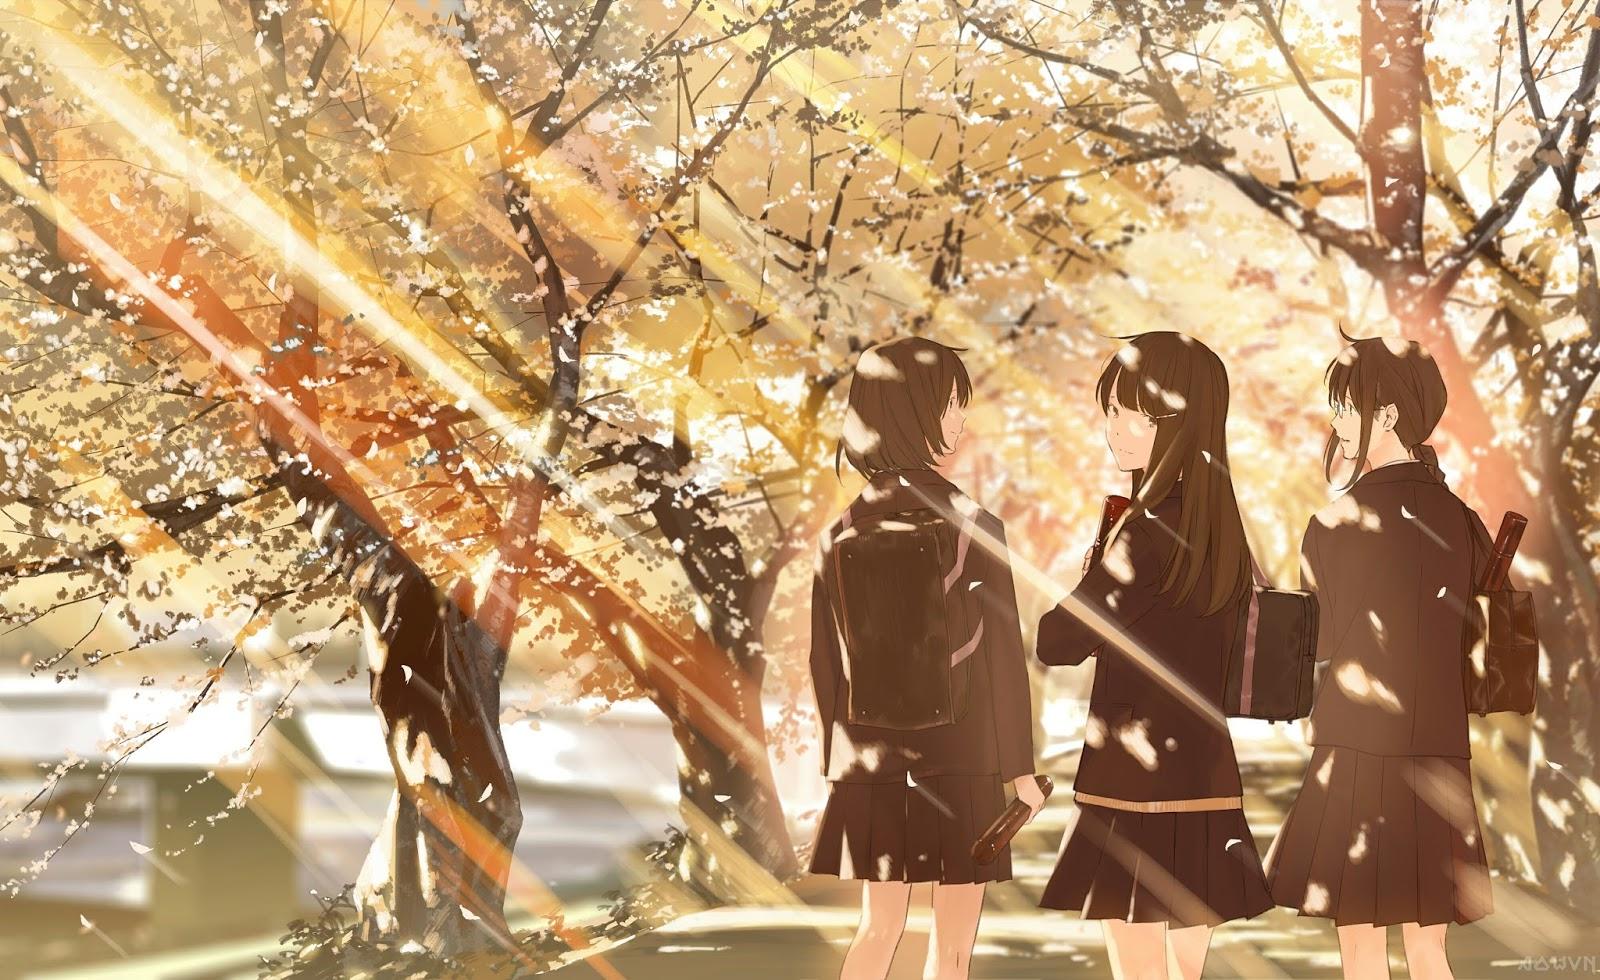 41 AowVN.org m - [ Hình Nền ] Anime cho điện thoại cực đẹp , cực độc | Wallpaper